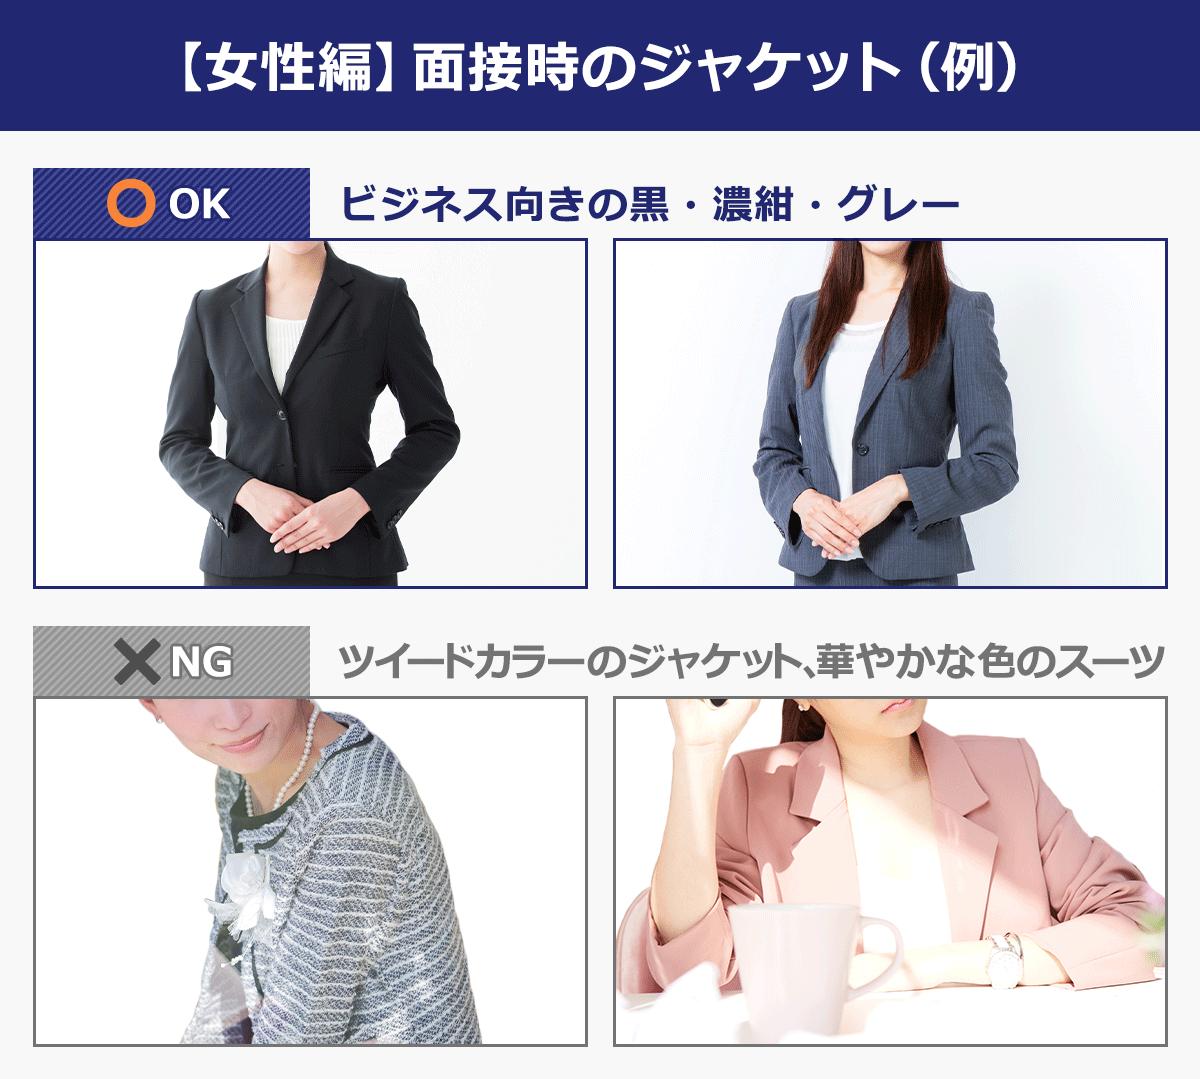 【女性編】面接時のジャケット(例)OK…ビジネス向きの黒・濃紺・グレー。NG…ツイードカラーのジャケット、華やかな色のスーツ。